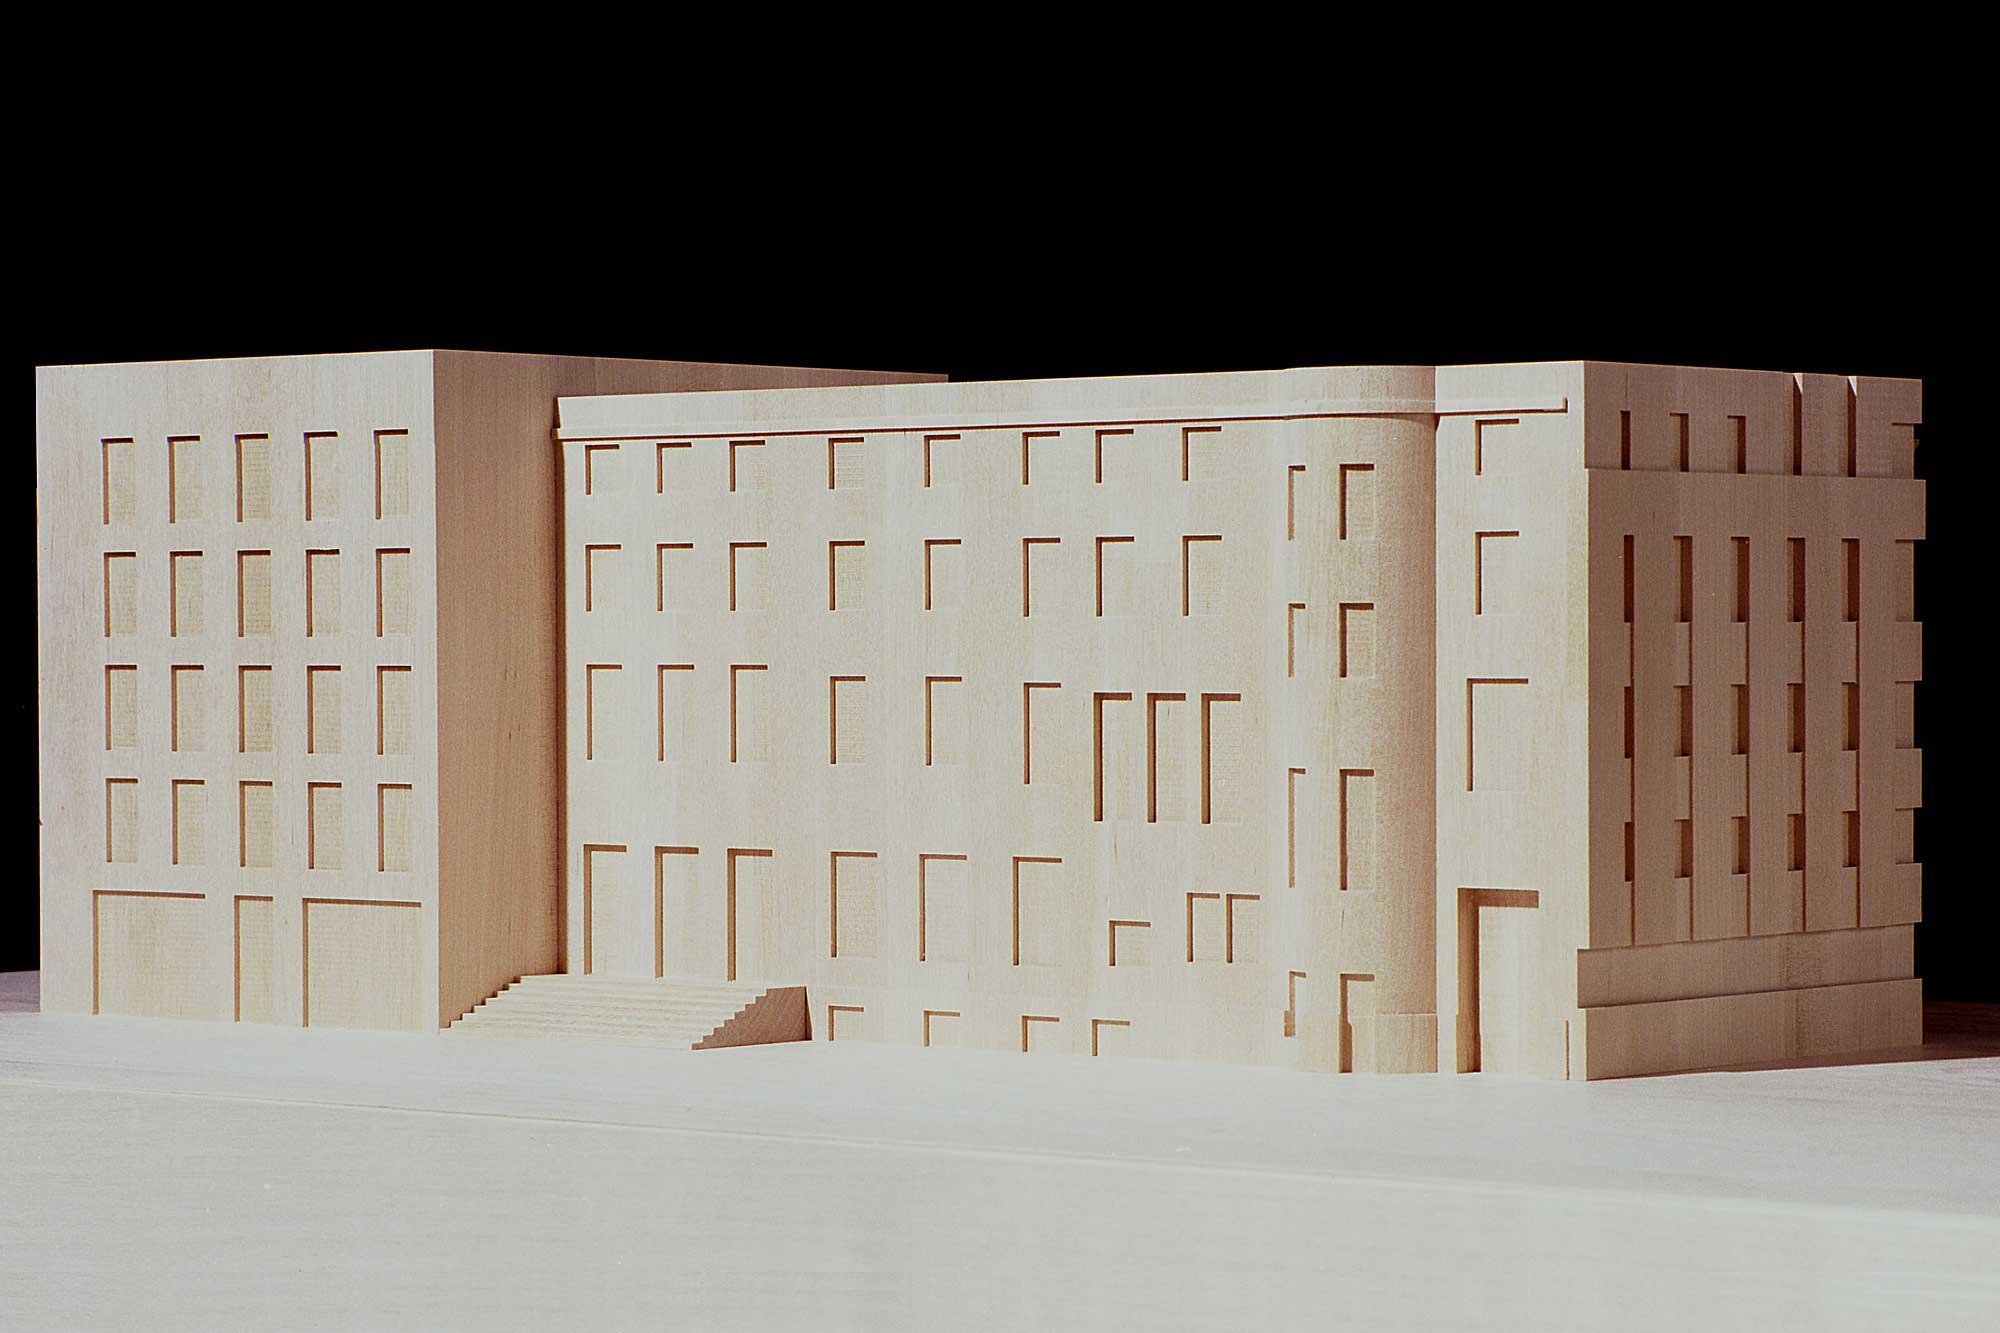 Rückseite des Modells des Altbaus der Schweizer Botschaft in Berlin